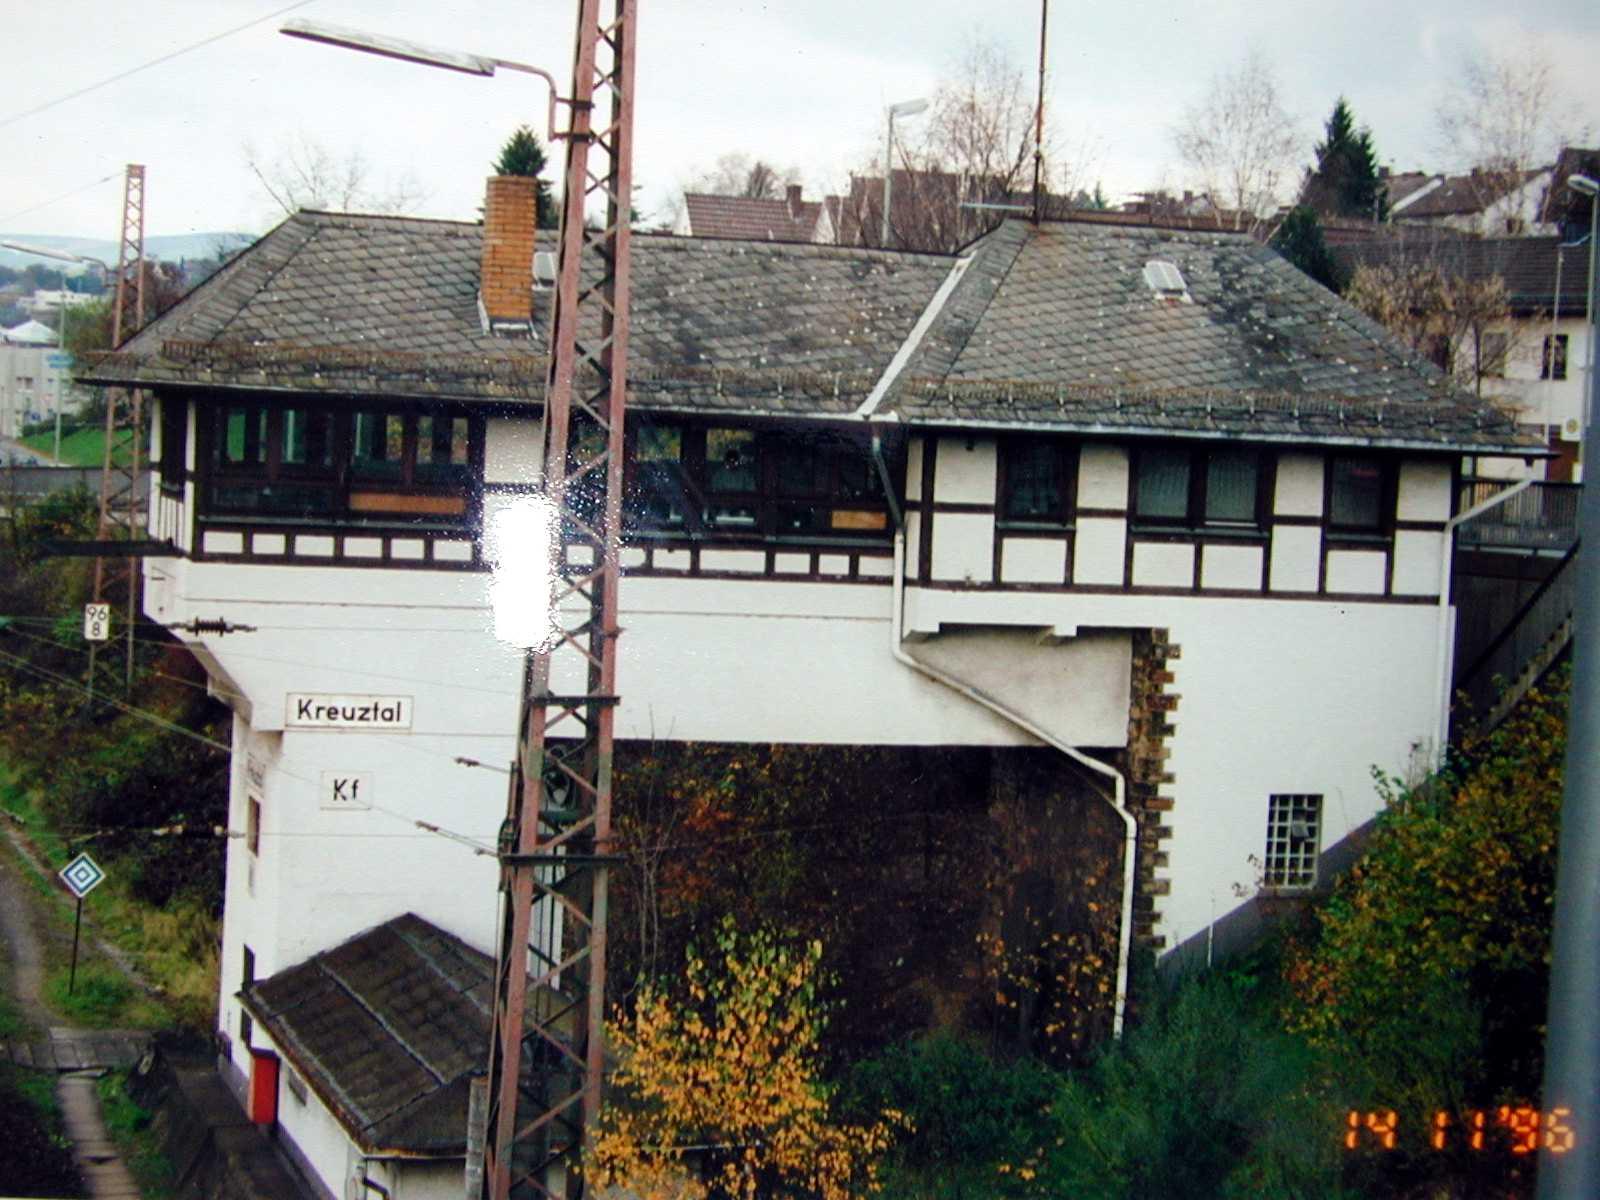 Liste der Baudenkmäler in Kreuztal